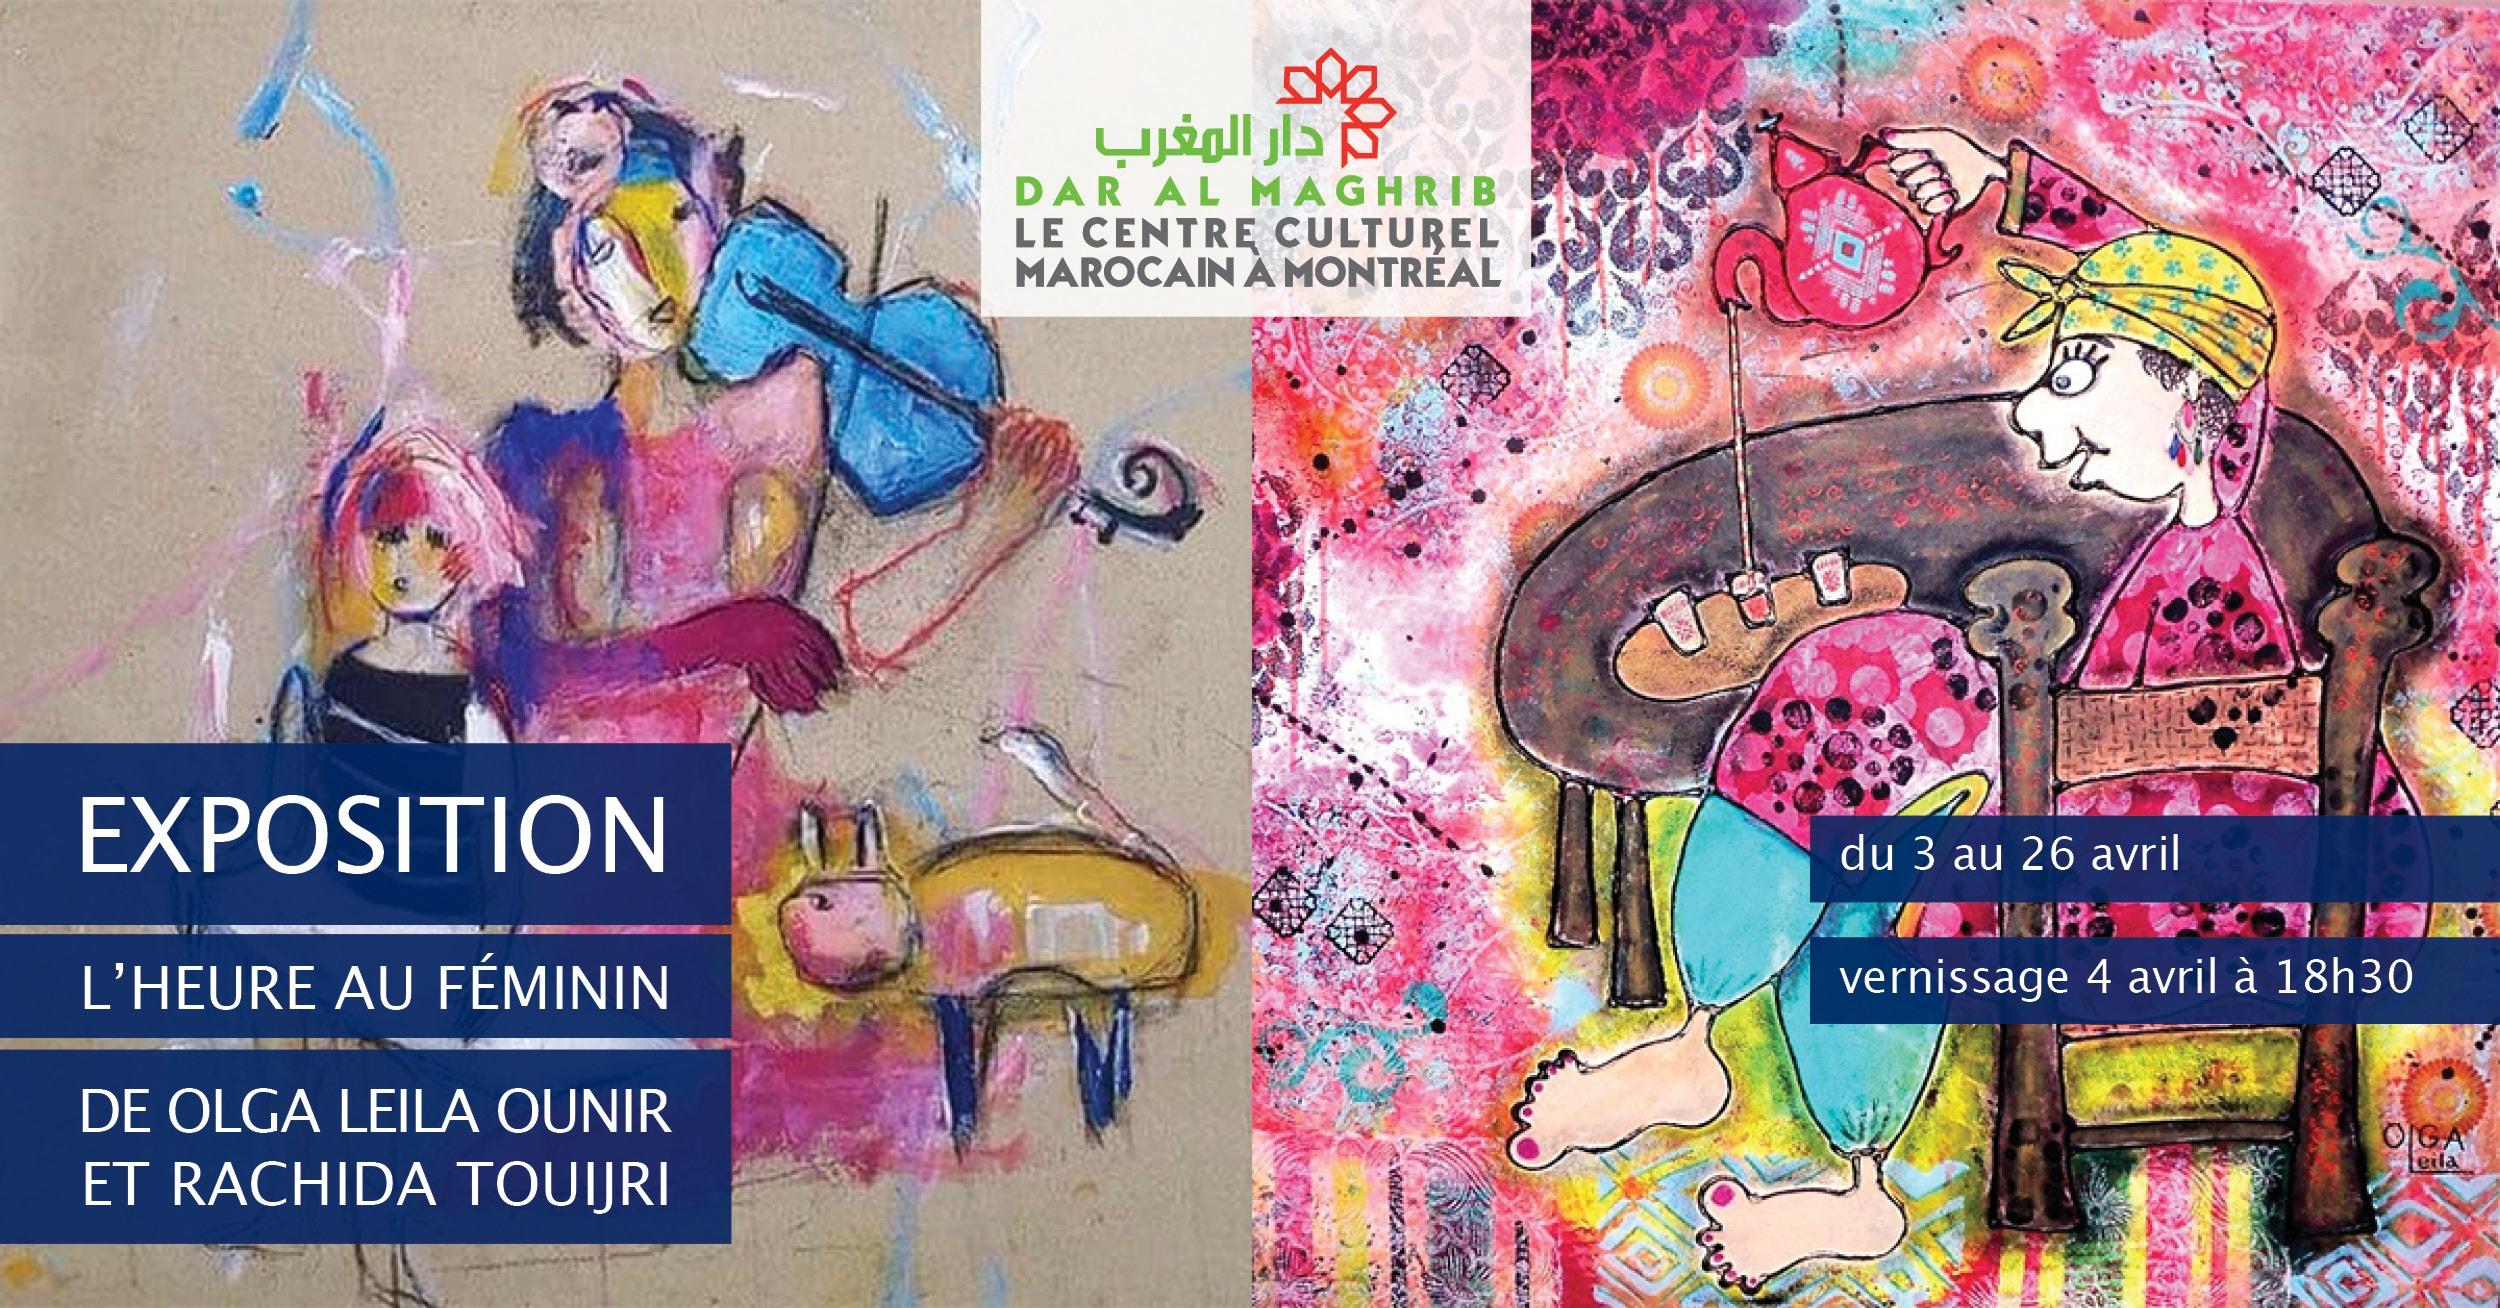 L'Art marocain au Féminin s'invite à Montréal